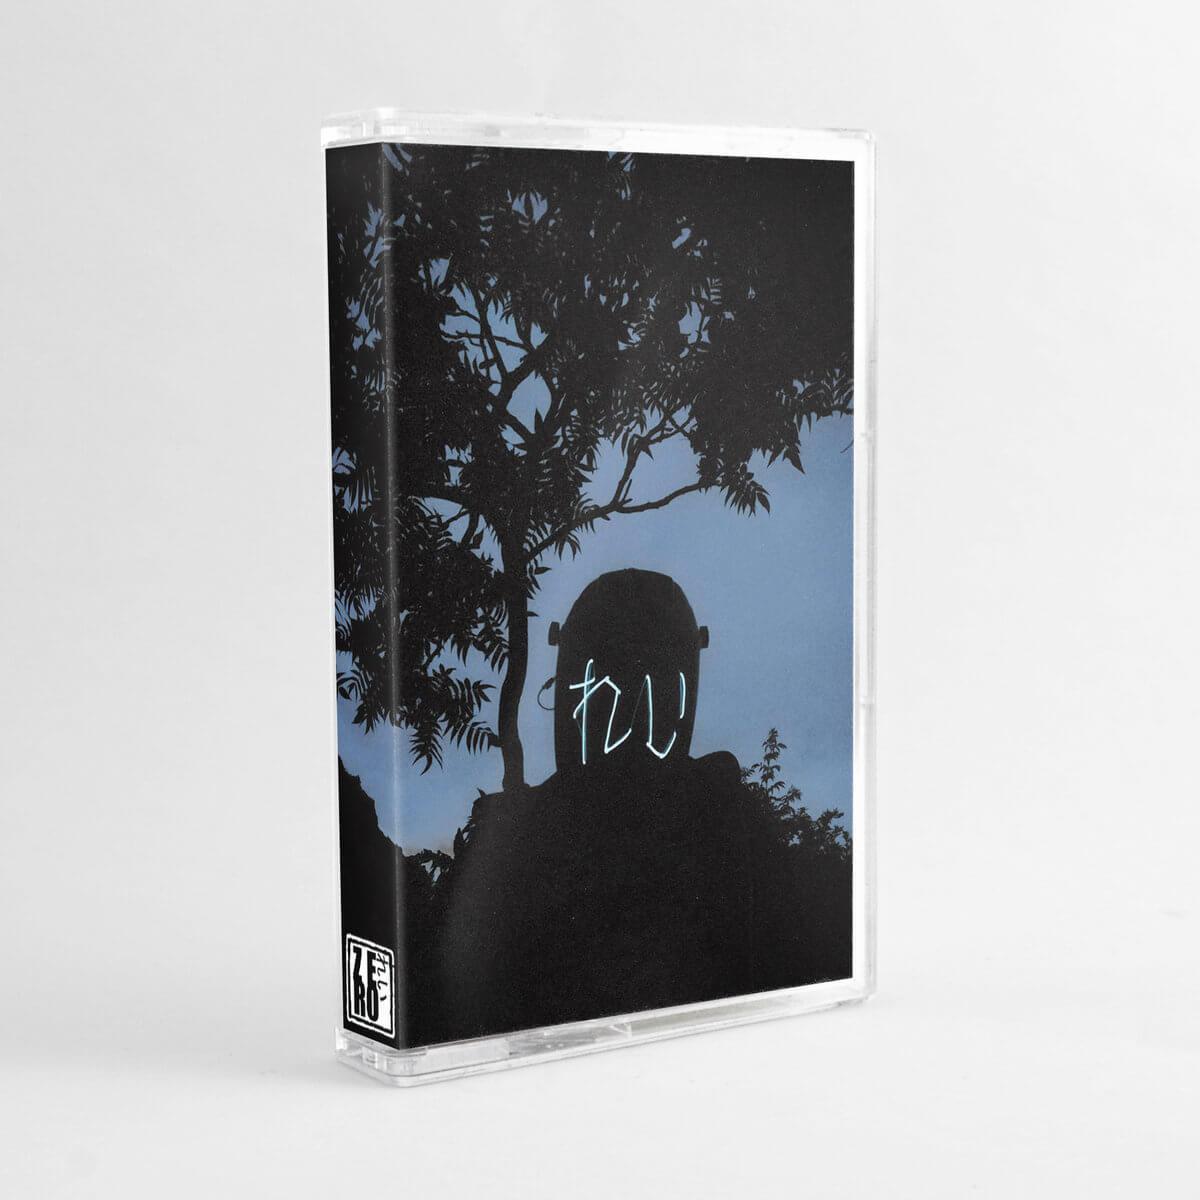 ブラックマジック (Black Magic) by Zer0 れい (Limited Edition Cassette) 1